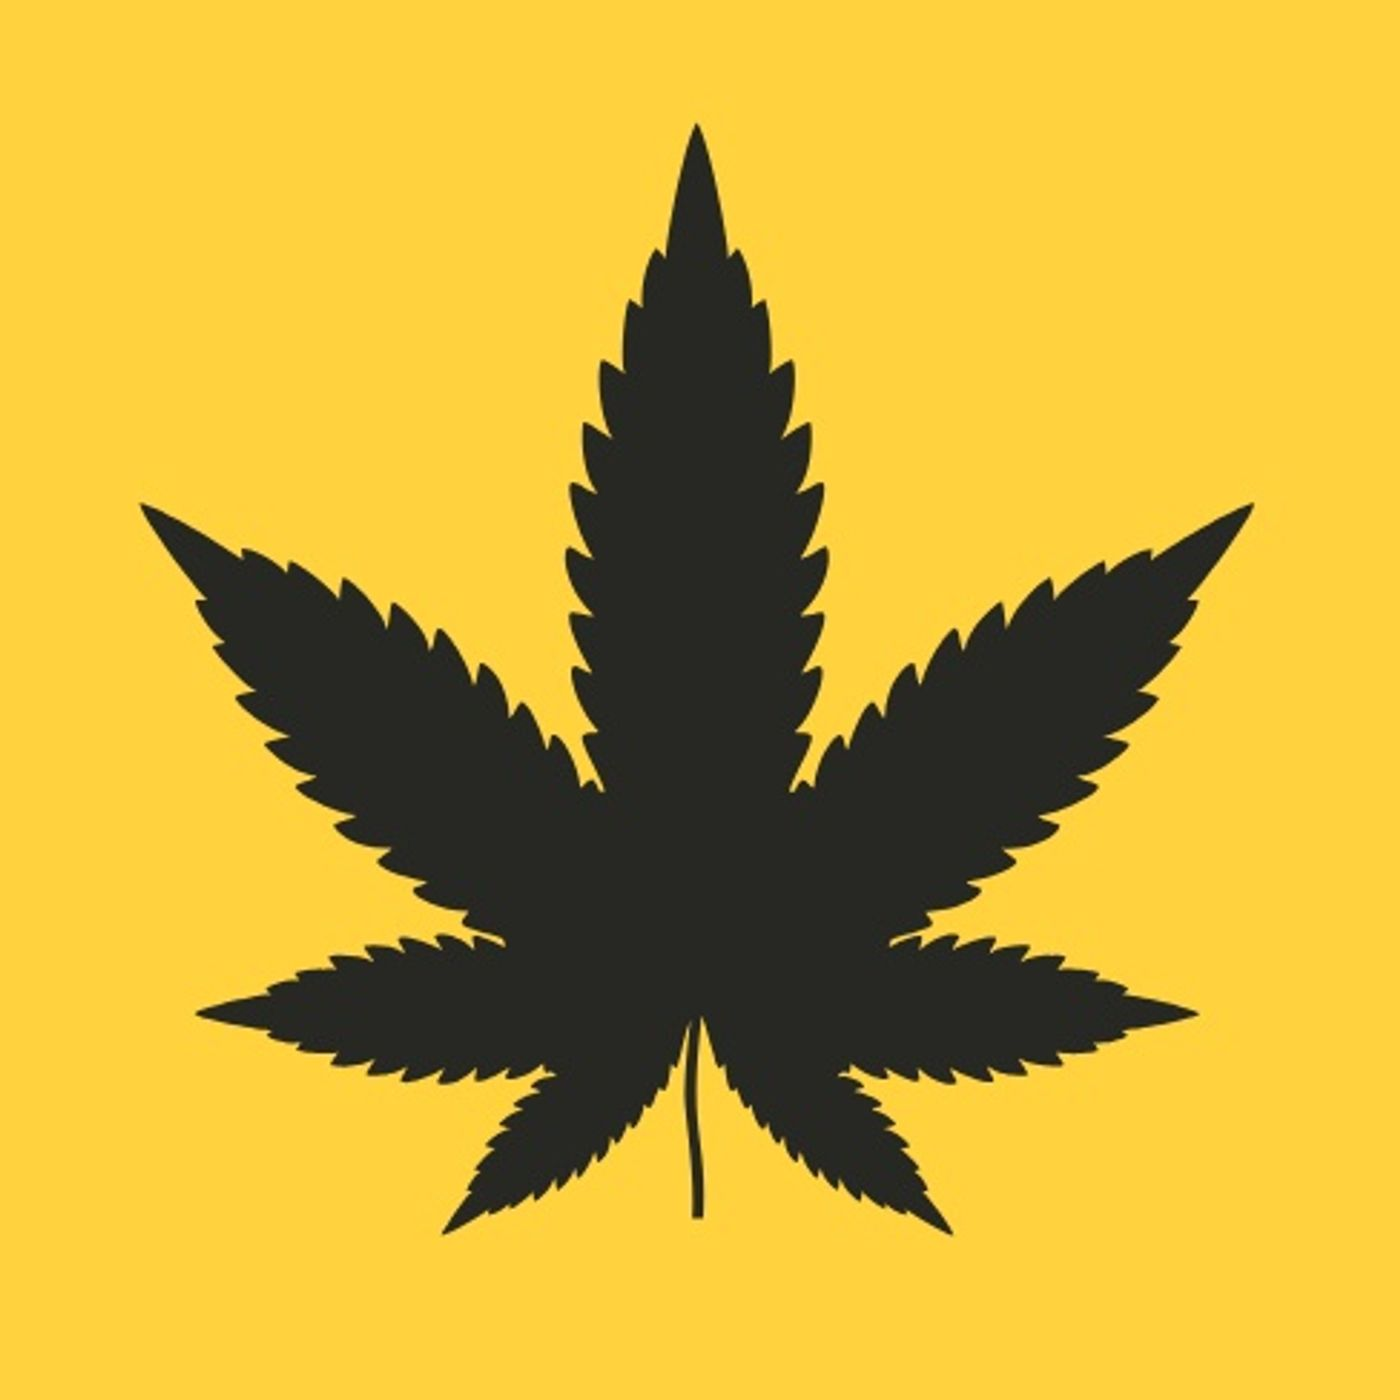 Cánabis é só uma planta!